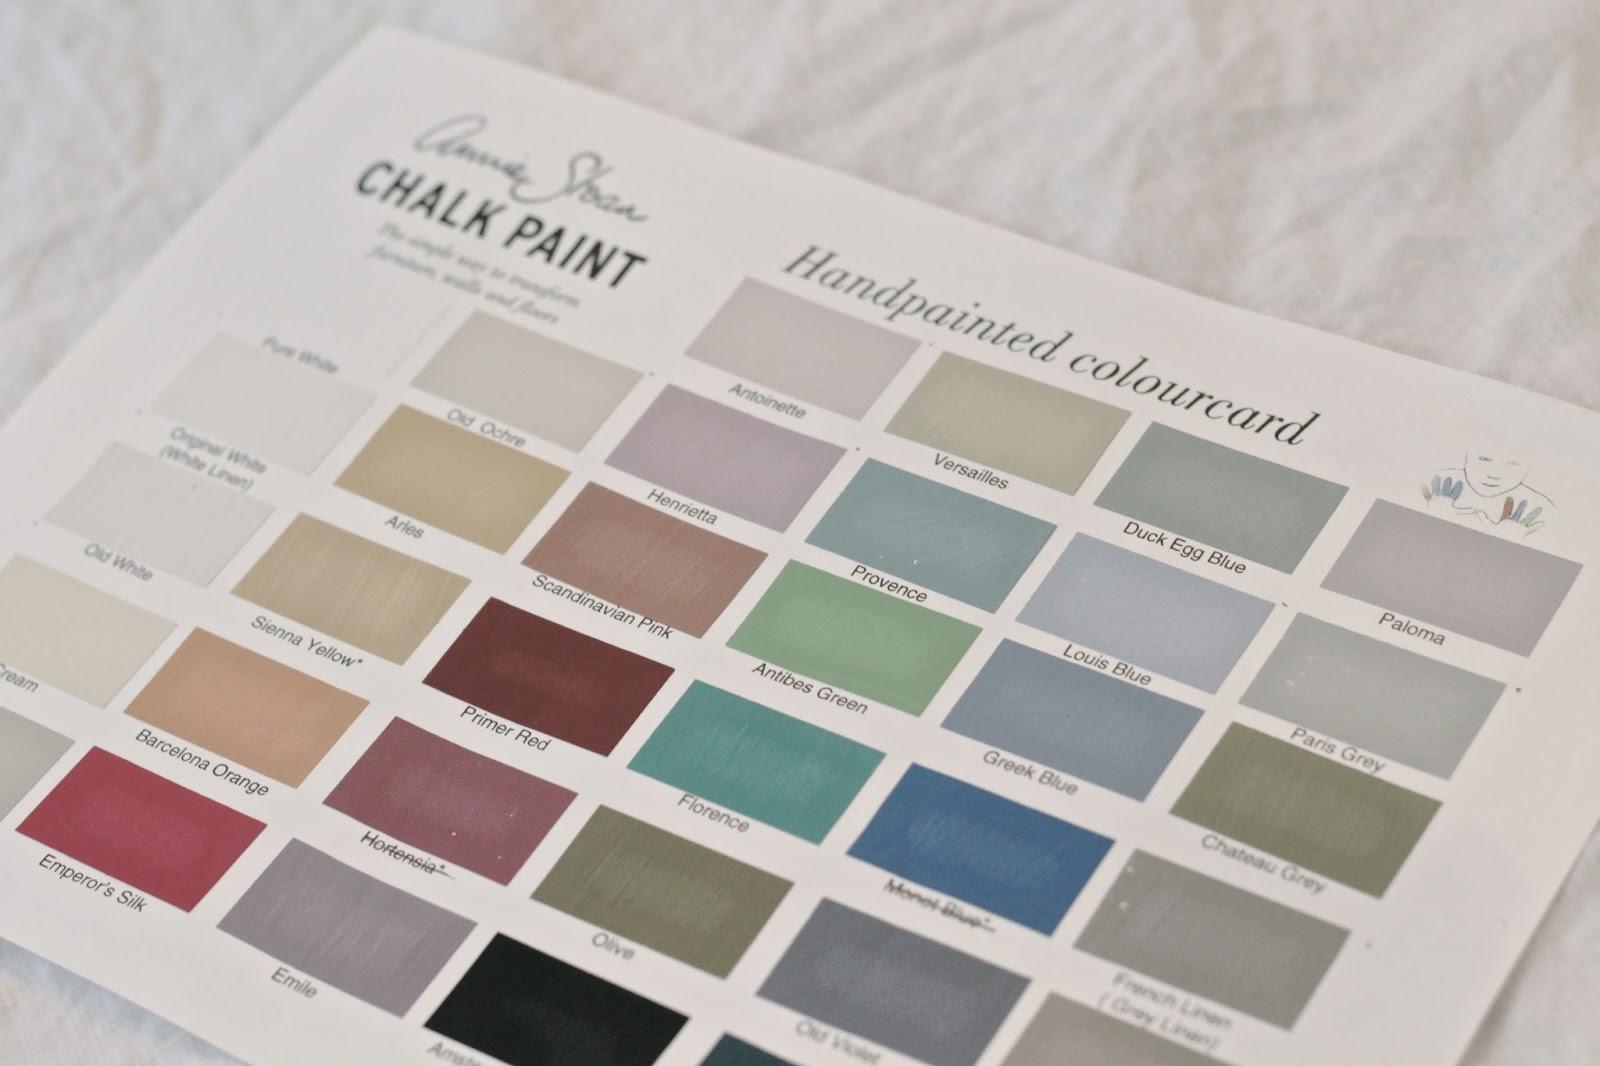 Detto ciò, per scegliere il colore per le pareti di casa, bisogna tener conto di una moltitudine di aspetti tra cui i mobili, le finiture,. Catalogo Colori Per Pareti